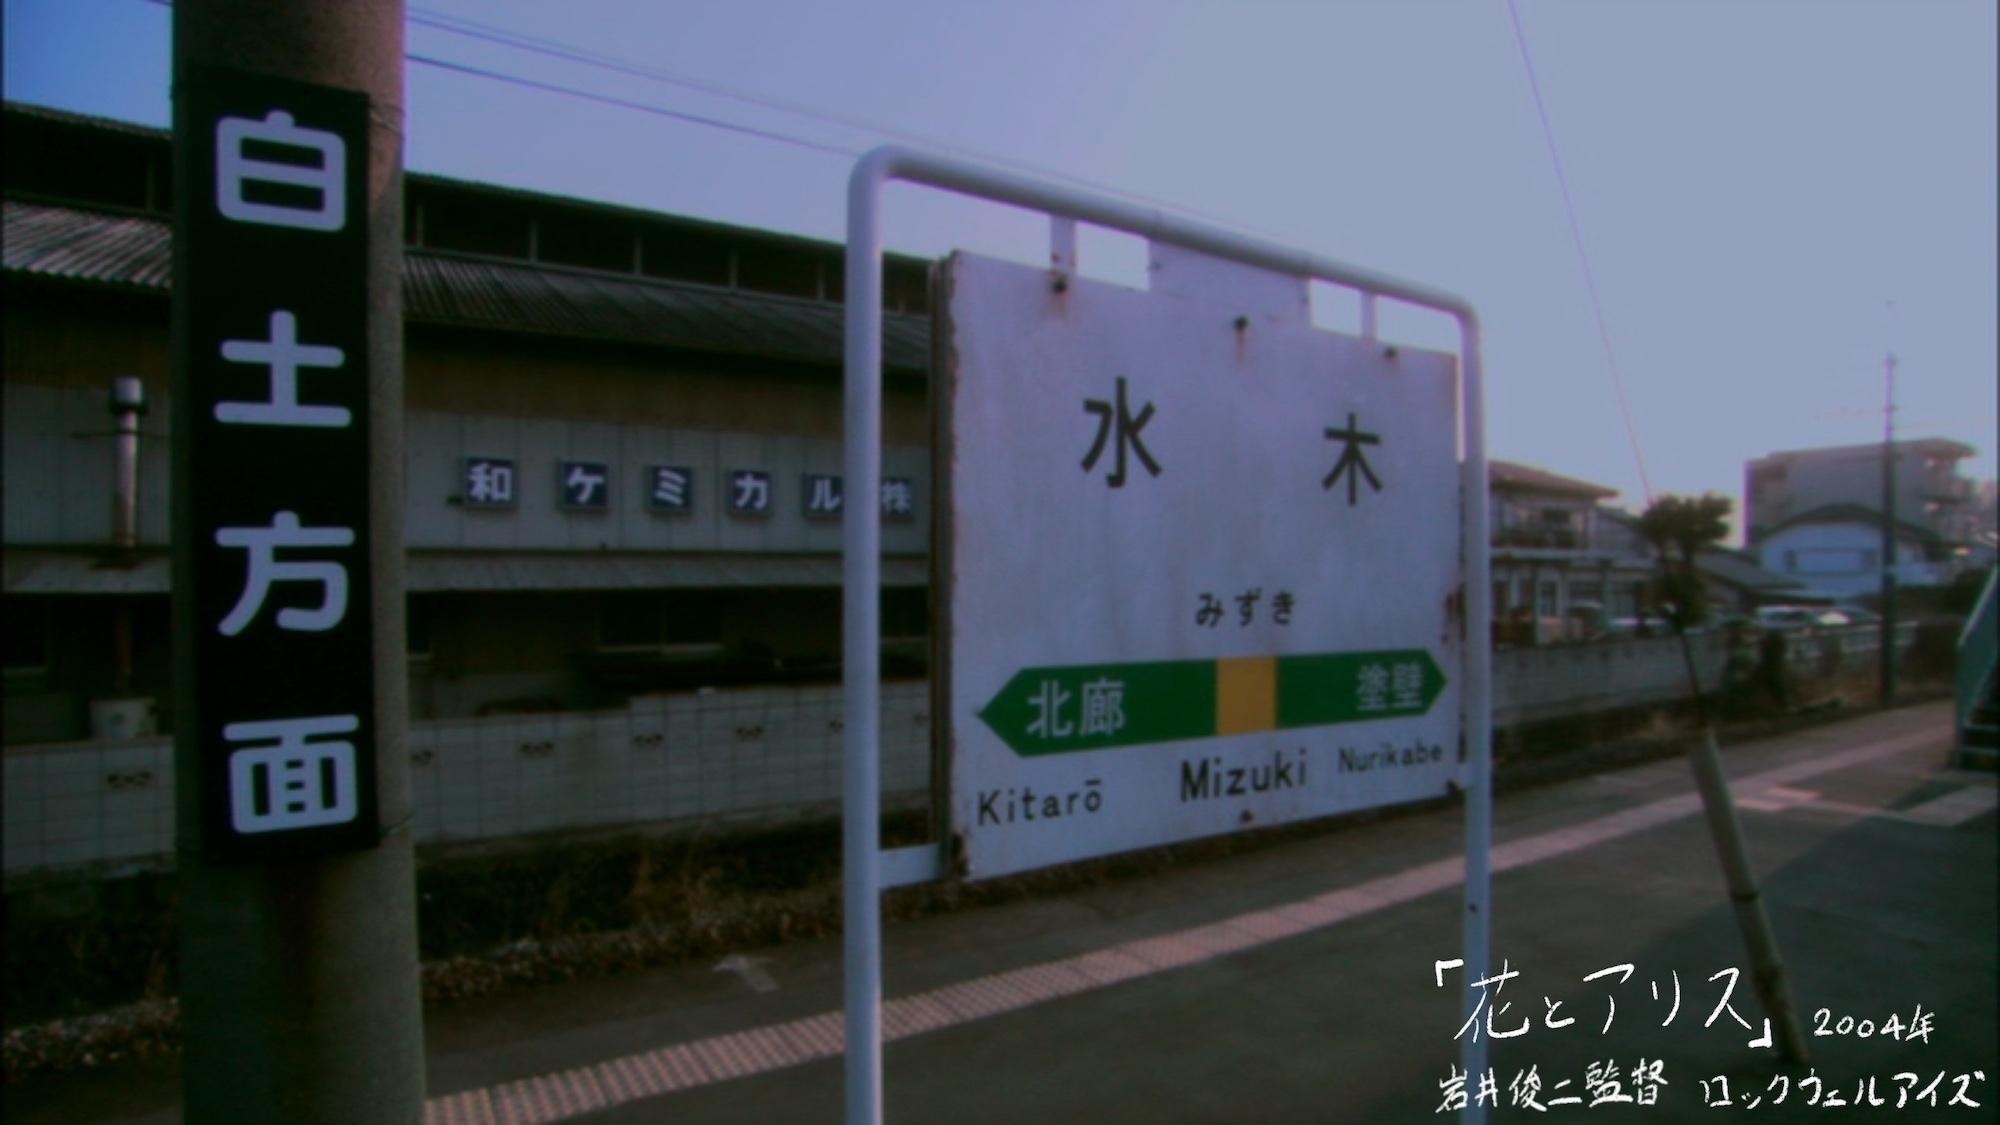 『花とアリス』,2004年,岩井俊二監督,ロックウェルアイズ